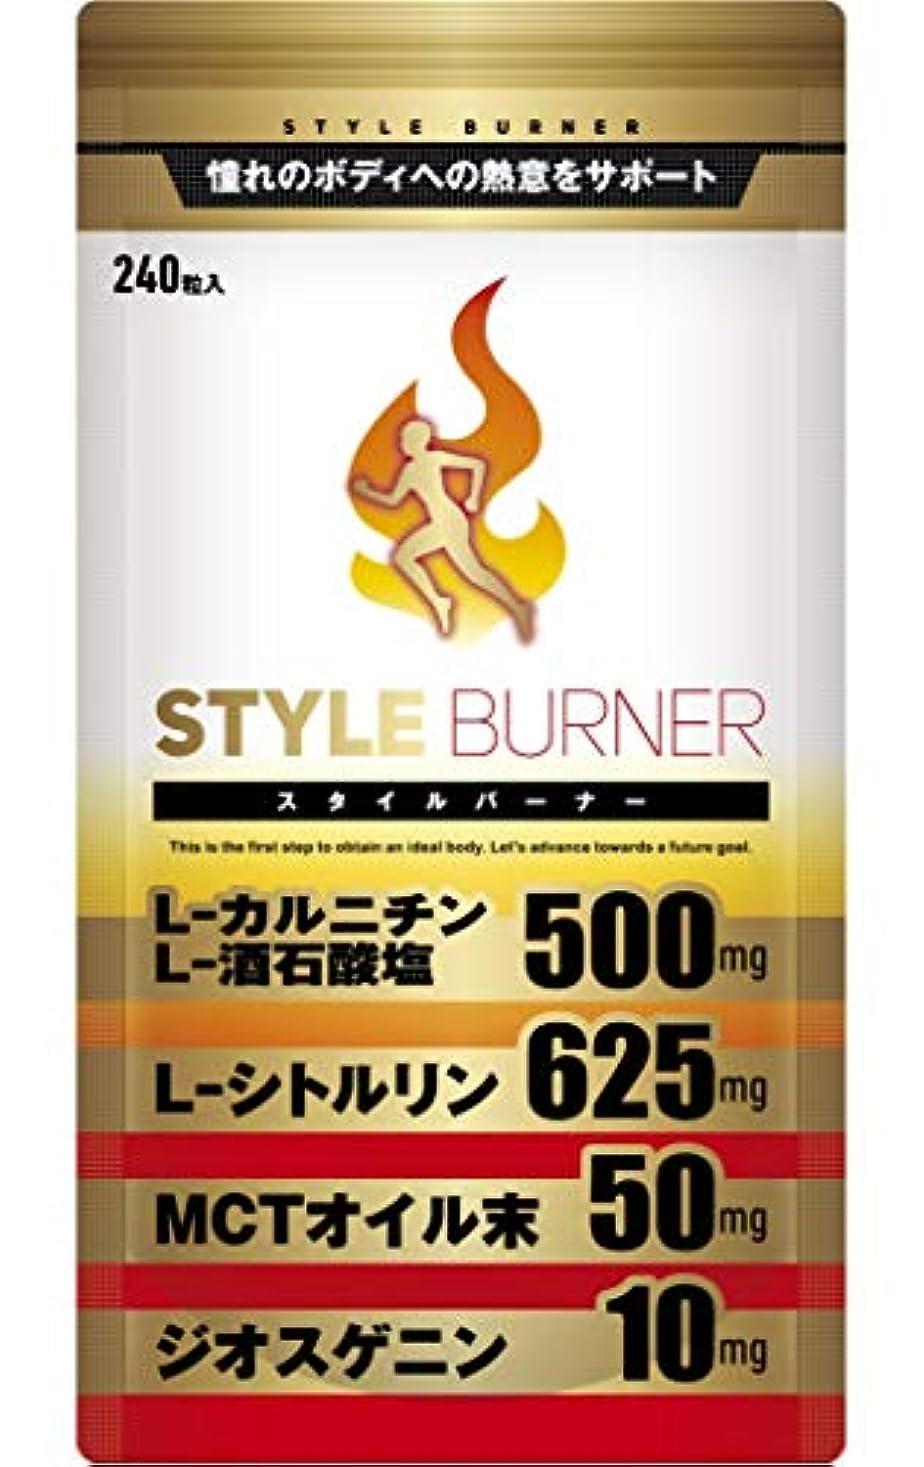 誕生不快必要としているSTYLE BURNER 運動 燃焼系 サプリ 8粒にL- シトルリン 625mg L- カルニチン 500mg MCTオイル 50mg ジオスゲニン 10mg 配合 サプリメント 240粒 30回分 (1ヵ月分)